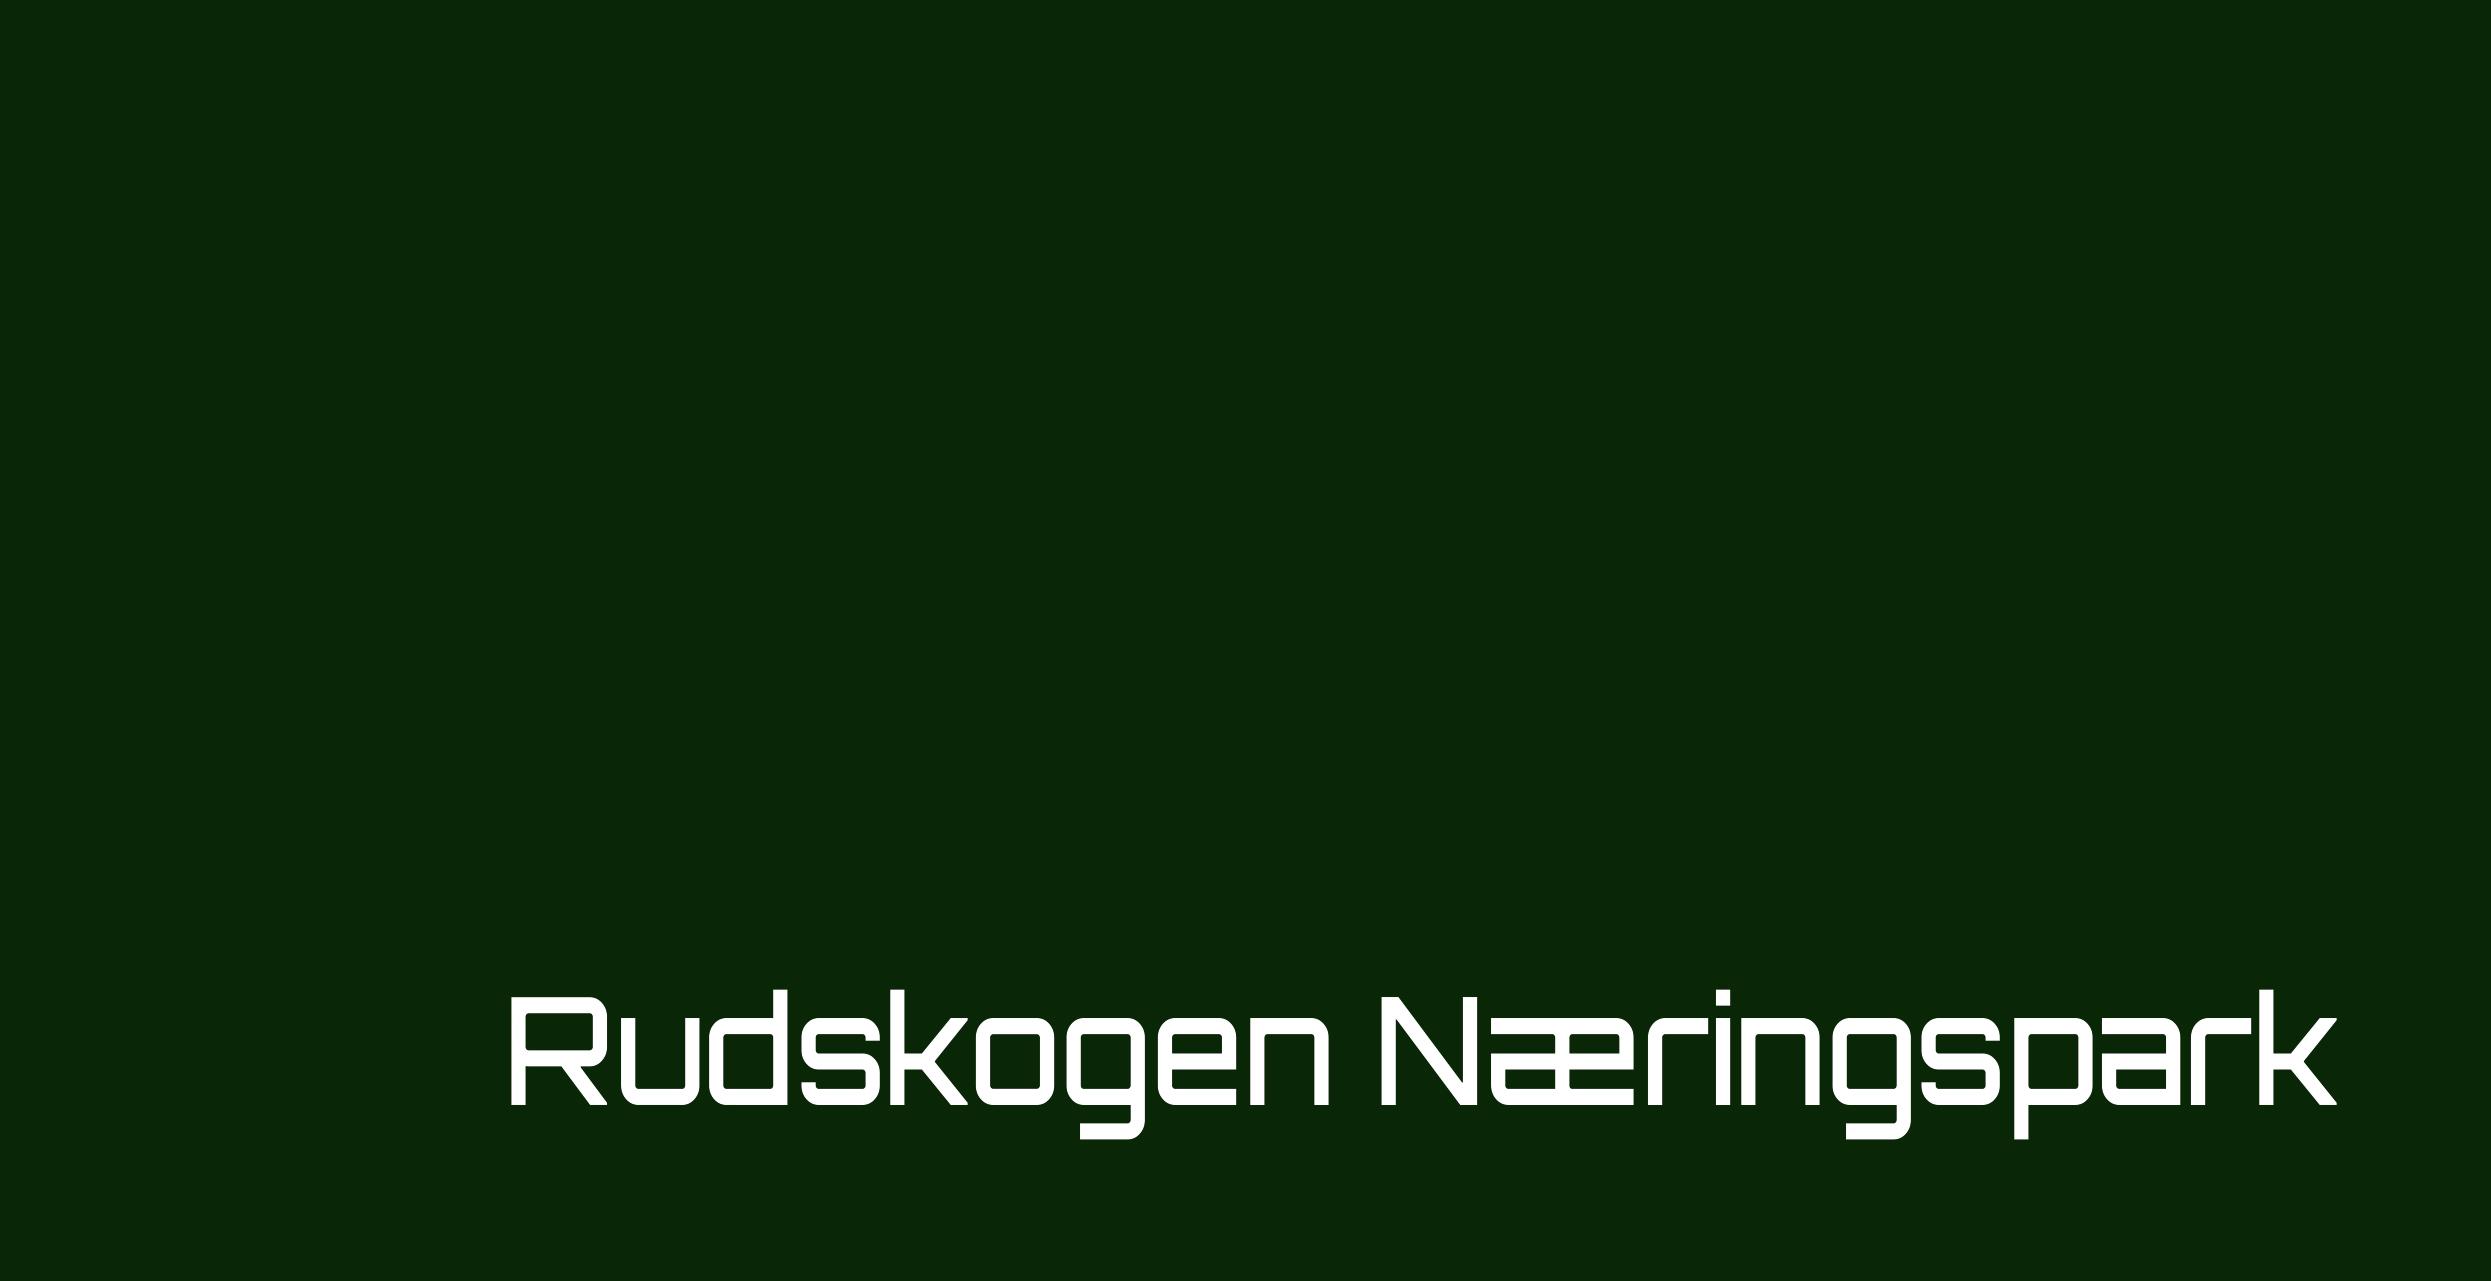 Rudskogen-Logo-Gronn